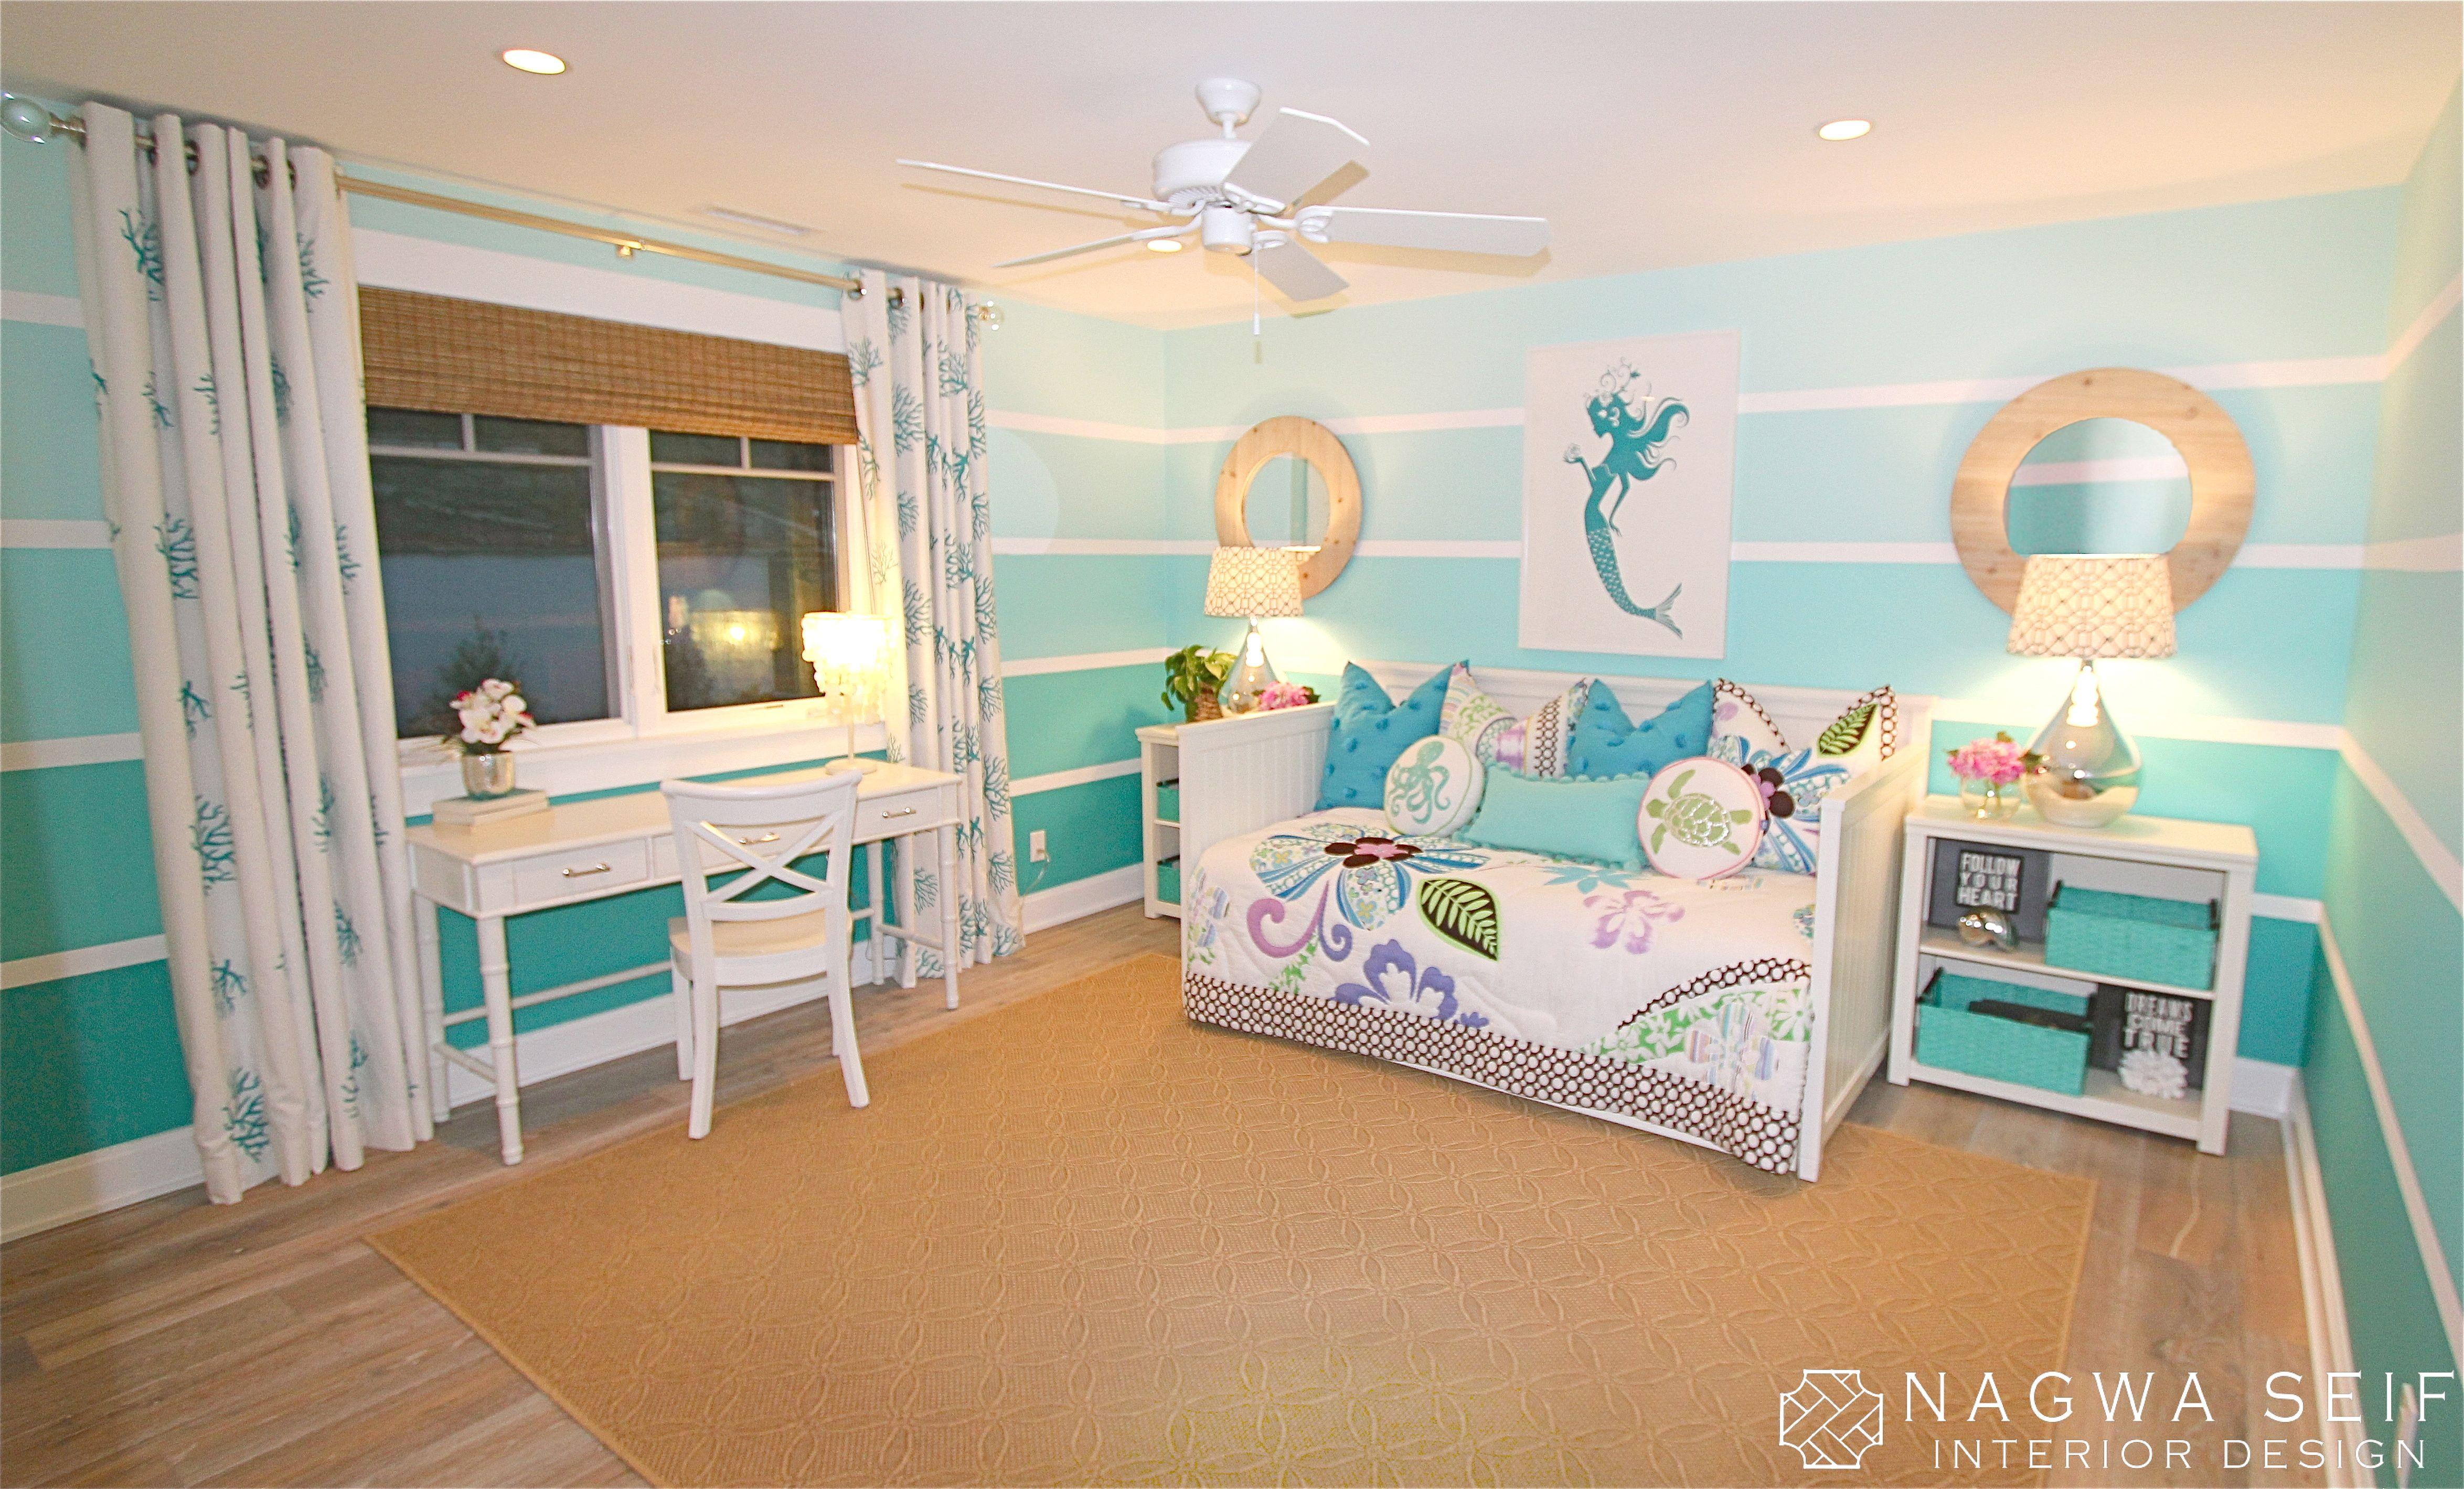 Einrichtung Schlafzimmer Interior Design Bedroom Türkis: NSID: Mermaid Bedroom (Top View Bedroom)